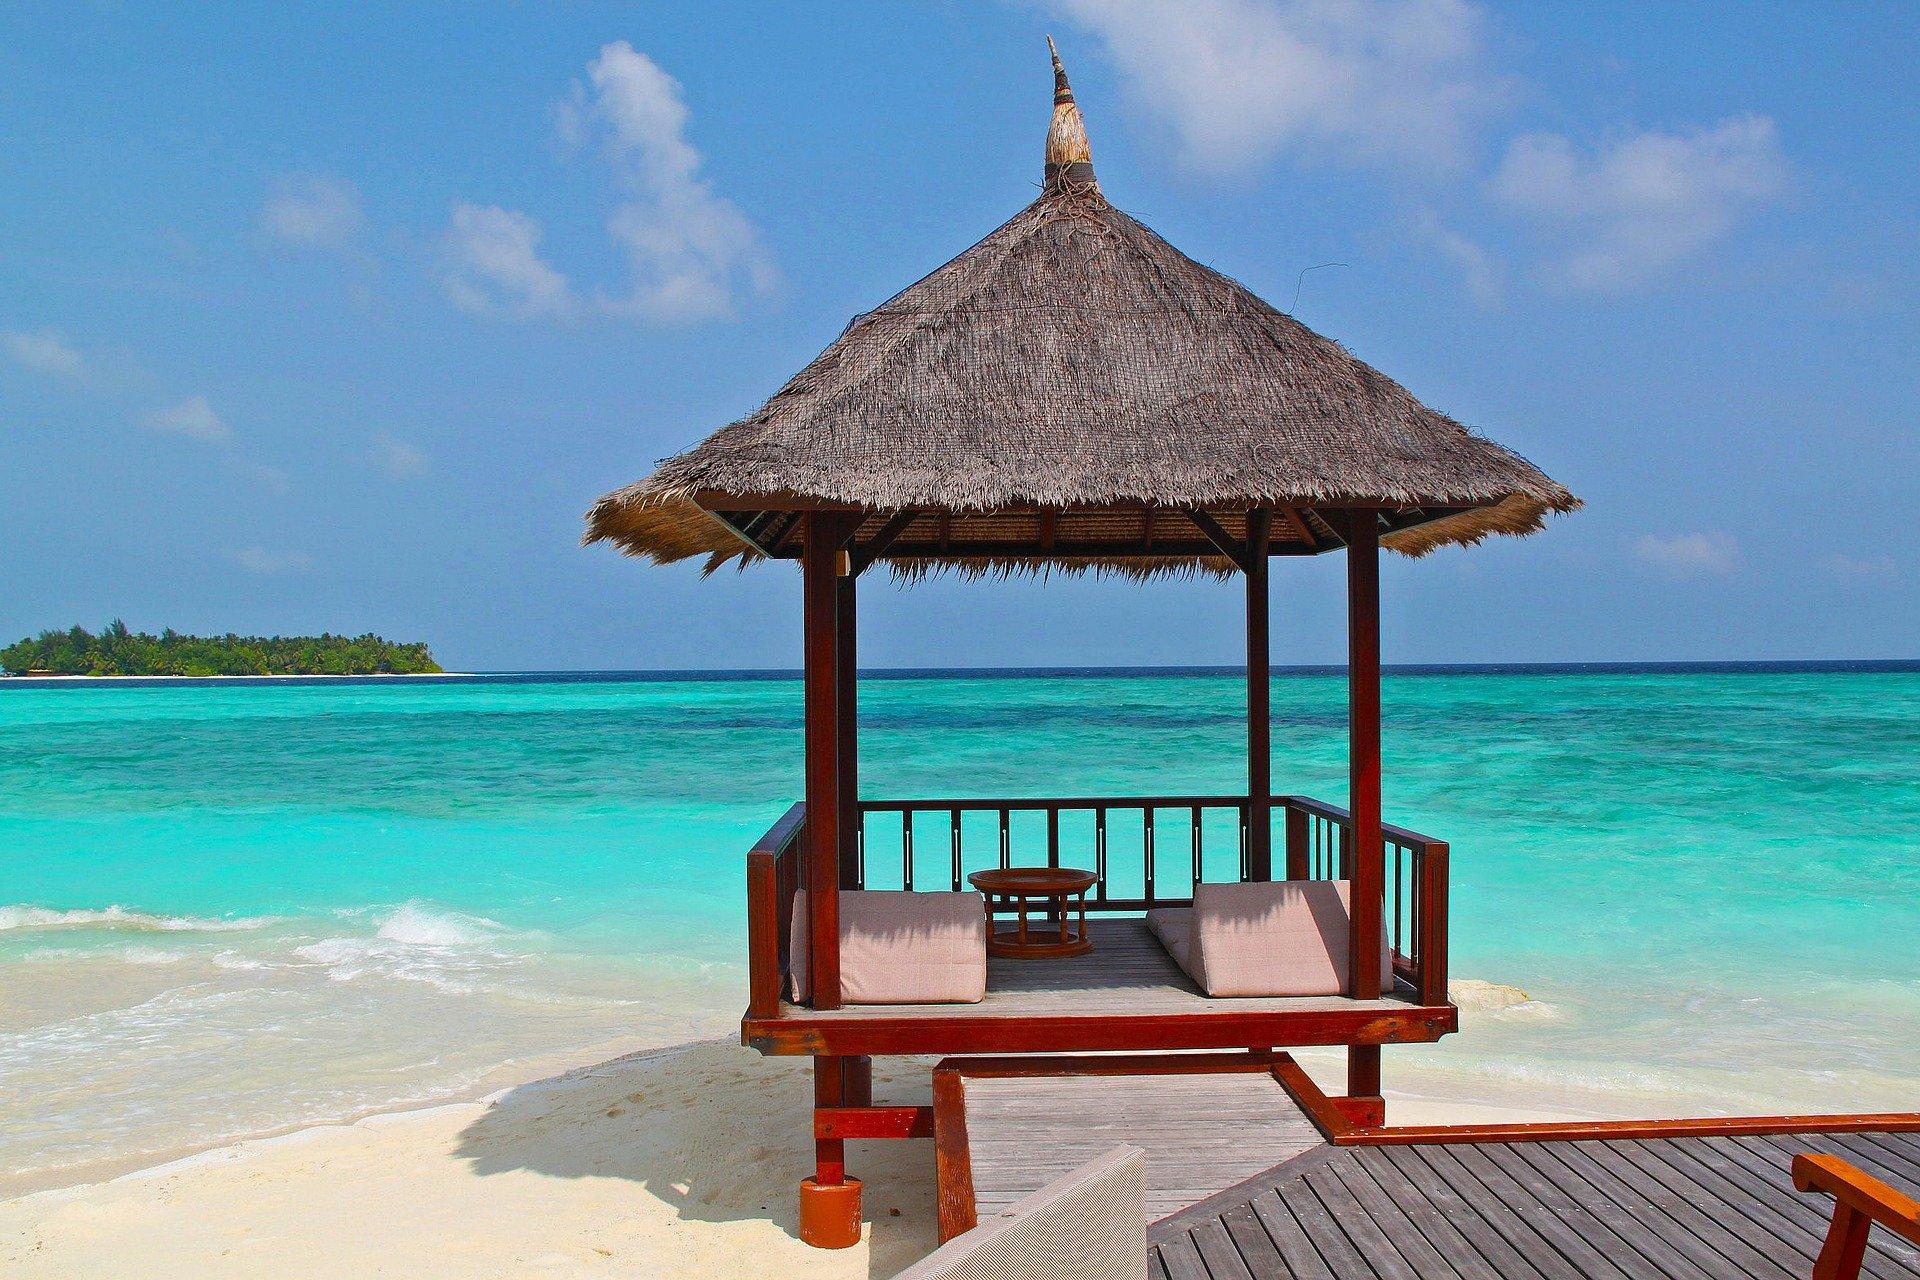 Estancia en Maldivas - Seguir Viajando Agencia de Viajes